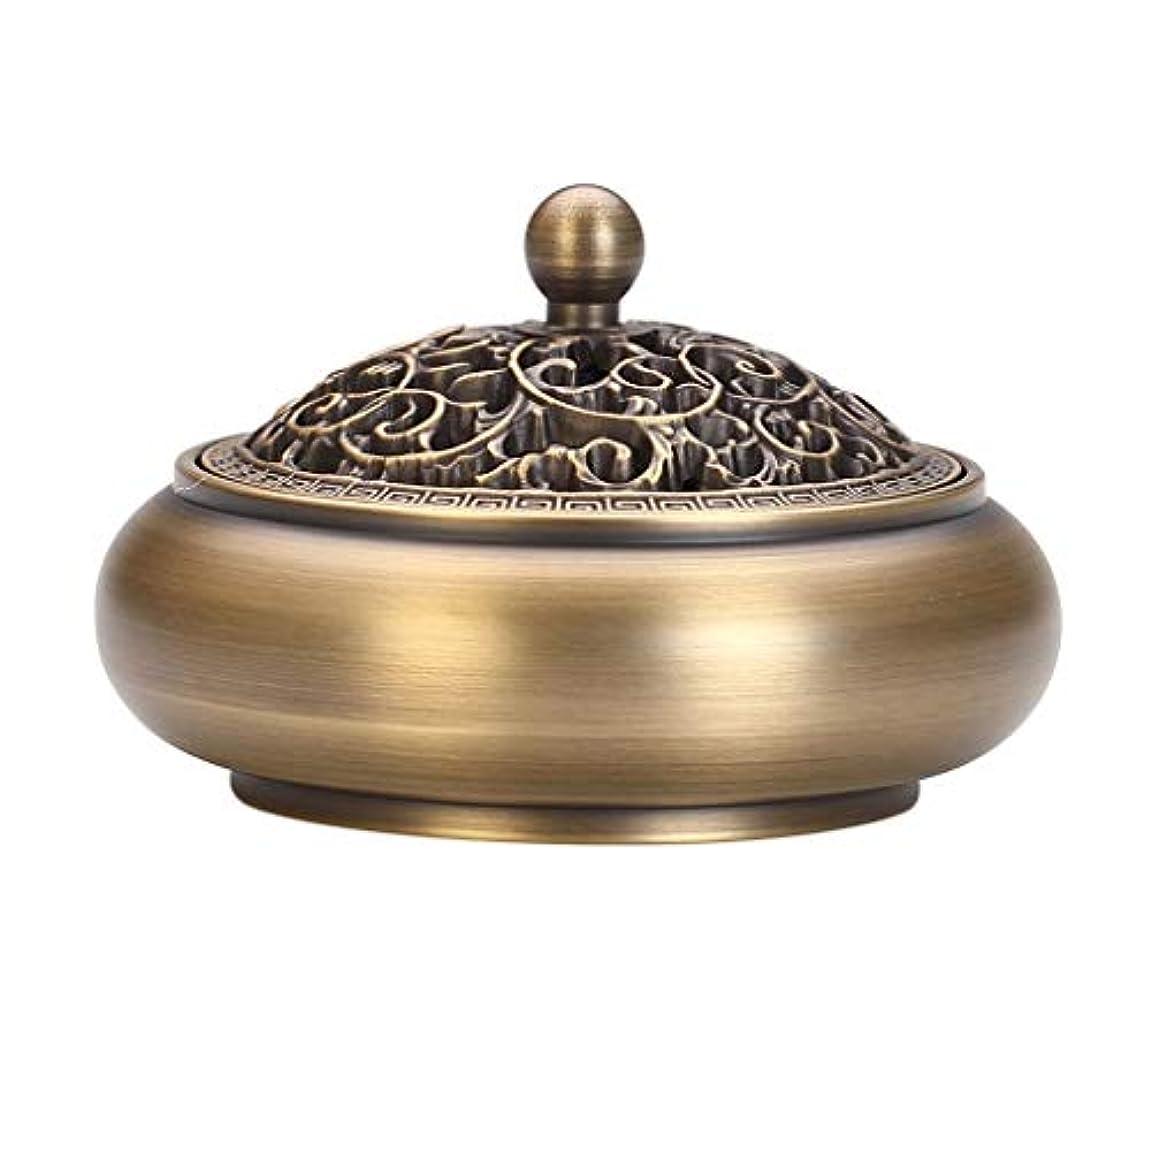 ピカリング陰謀渇き芳香器?アロマバーナー 純粋な銅香炉アンティーク家庭用浄化空気ディスク香バーナー寒天木材白檀炉 アロマバーナー (Color : Brass)